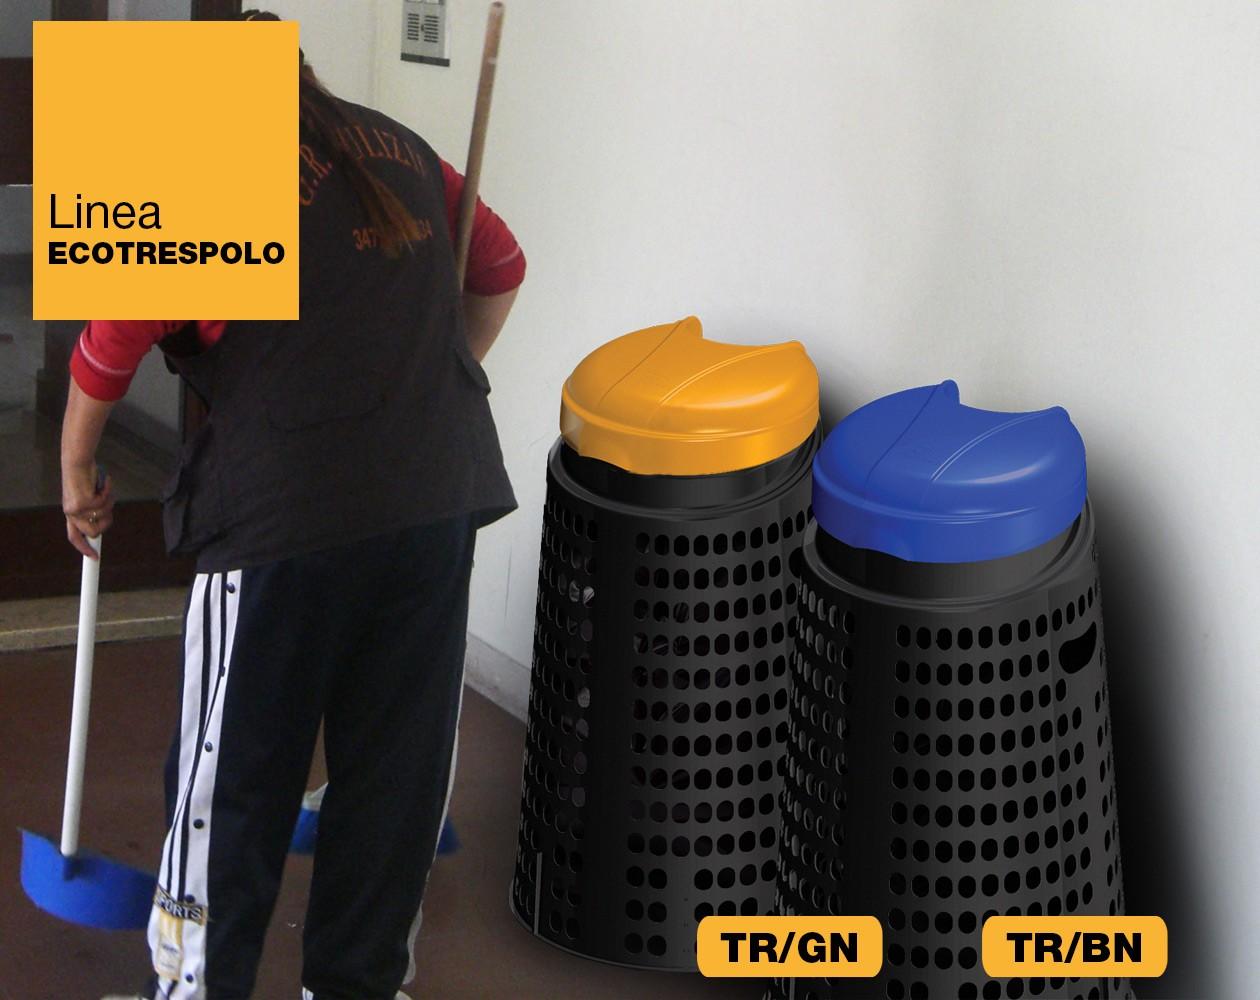 Trespolo rifiuti immondizia Linea Ecotrespolo Art Plast TR/BN, TR/GN